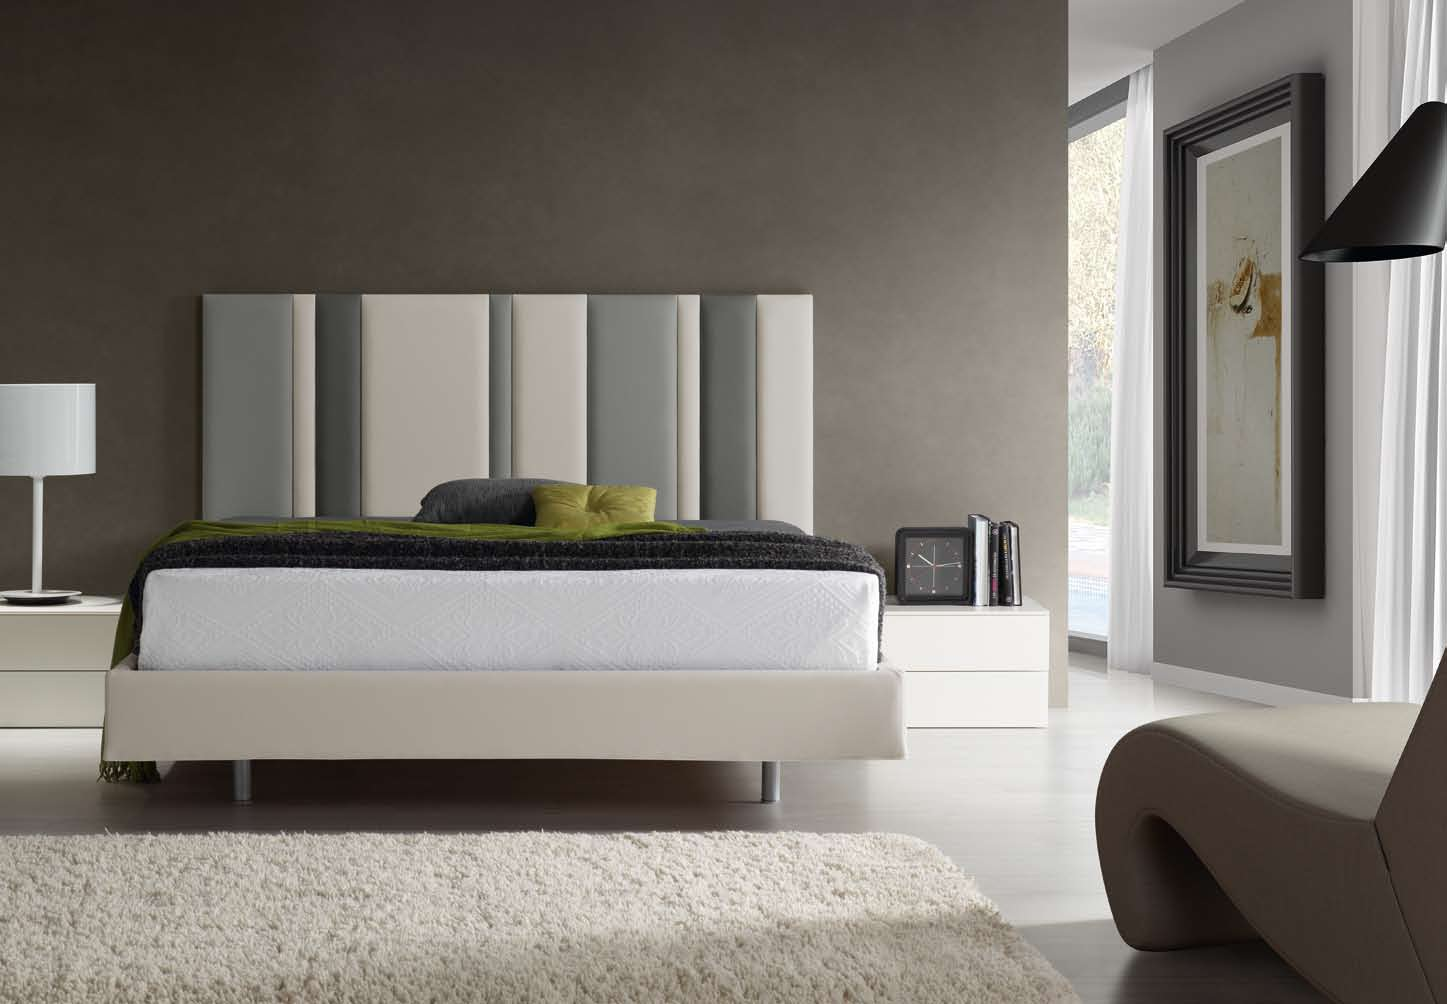 Cabeceros modernos de cama - Cabeceros cama tela ...